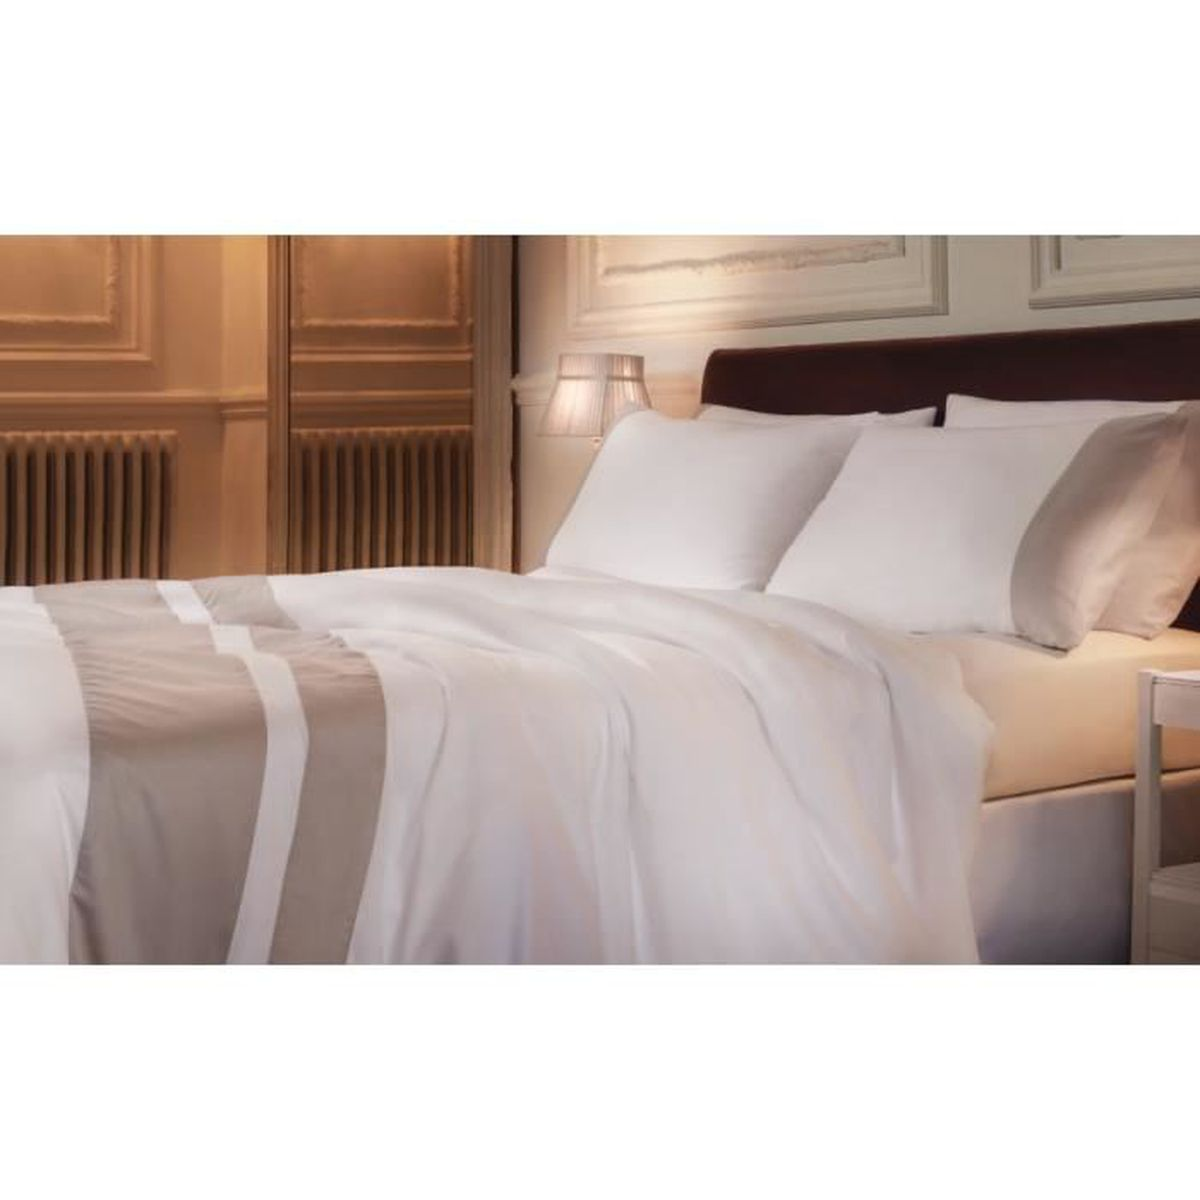 housse de couette luxe achat vente pas cher. Black Bedroom Furniture Sets. Home Design Ideas